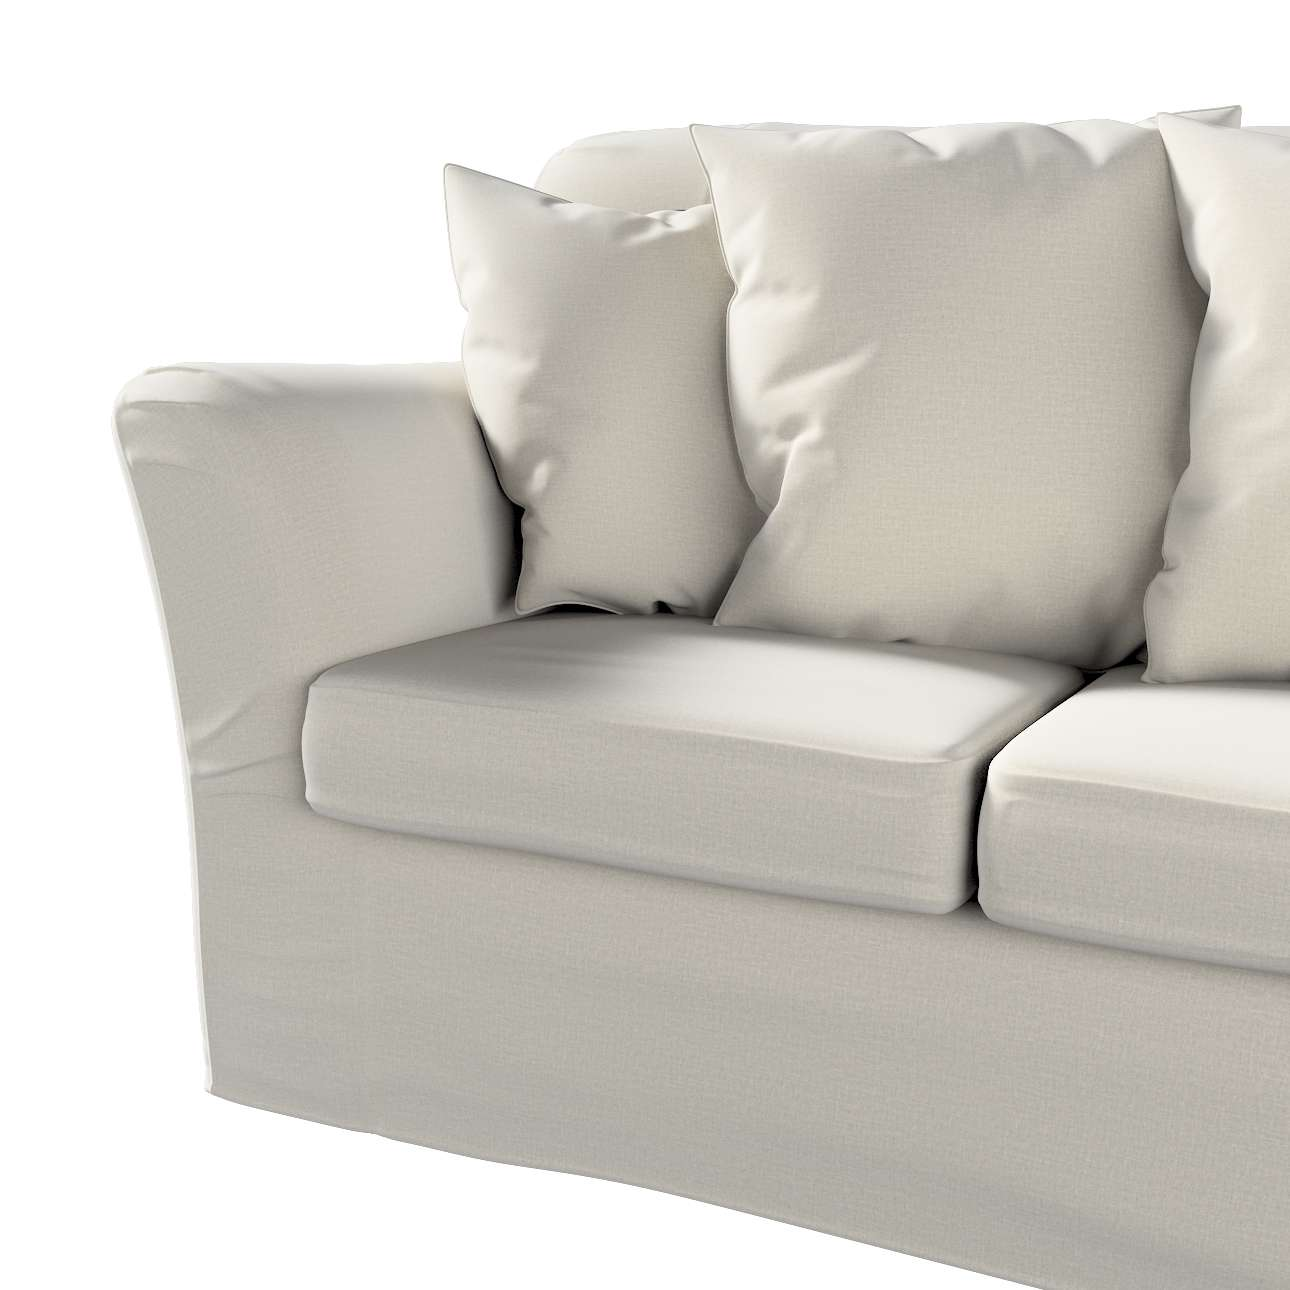 Pokrowiec na sofę Tomelilla 3-osobową nierozkładaną w kolekcji Ingrid, tkanina: 705-40